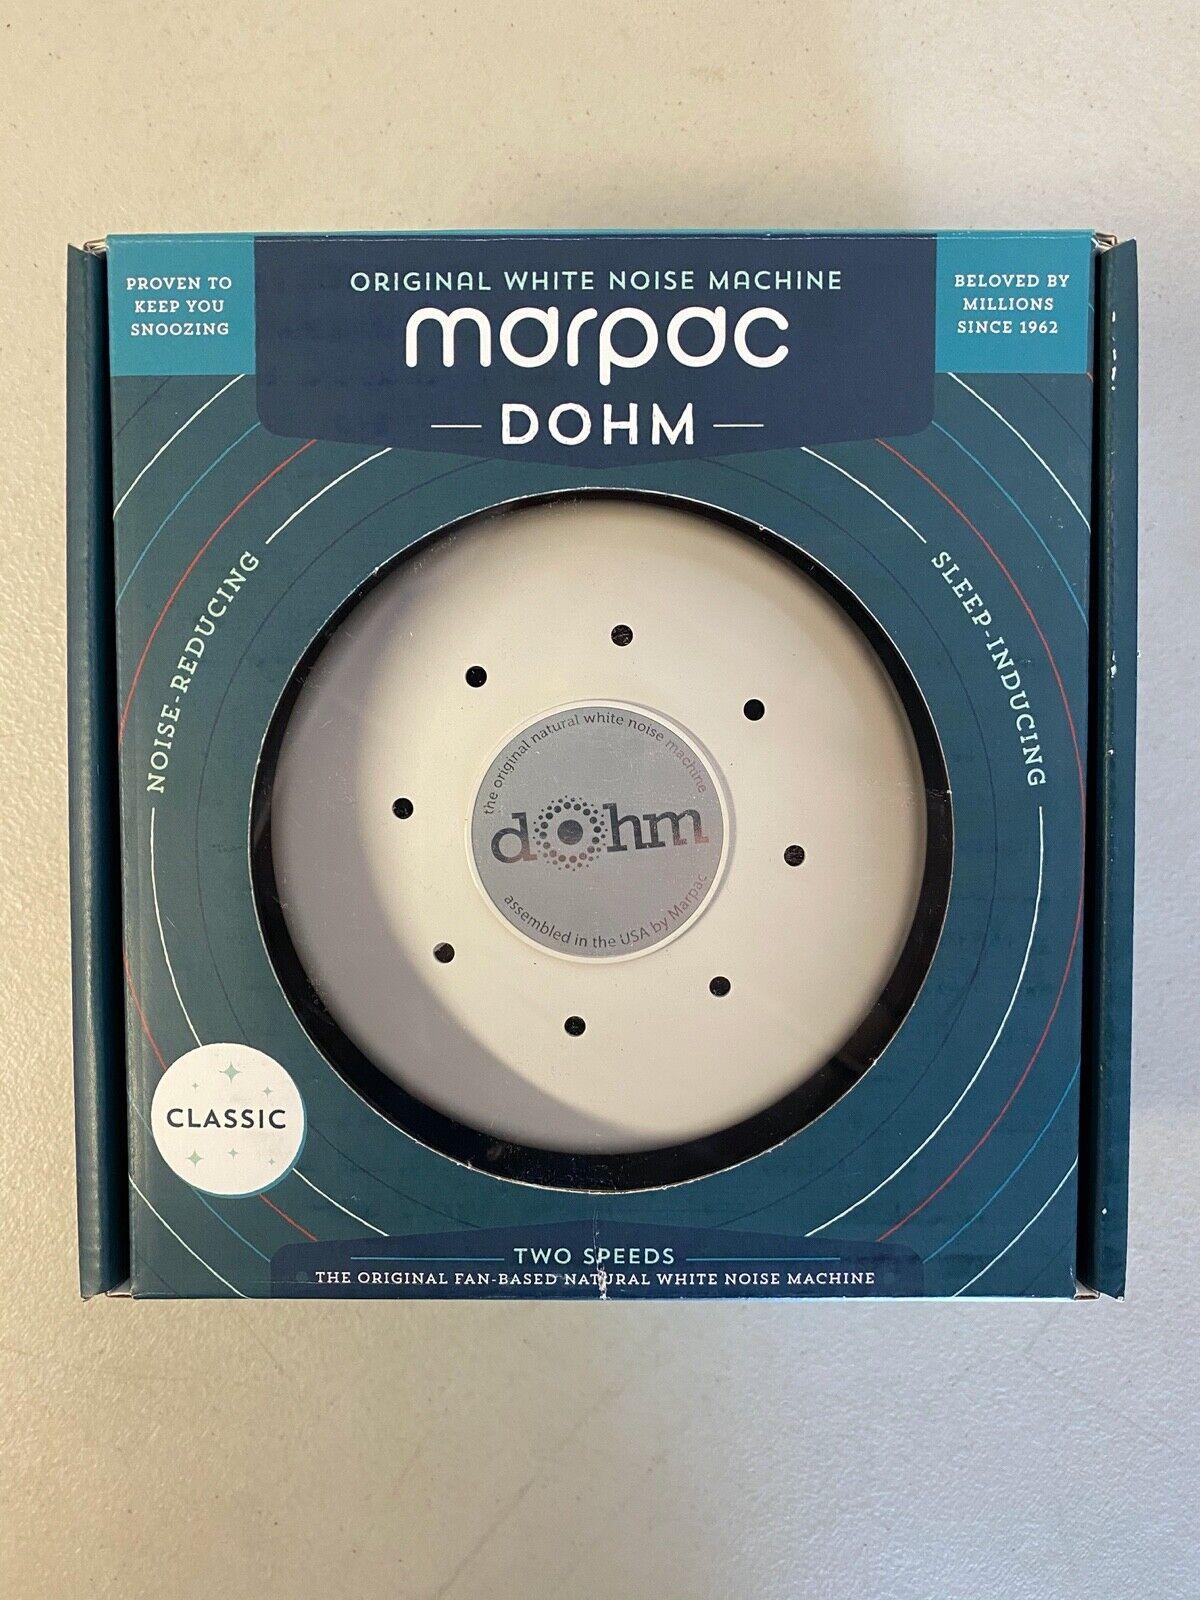 dohm classic white noise machine white